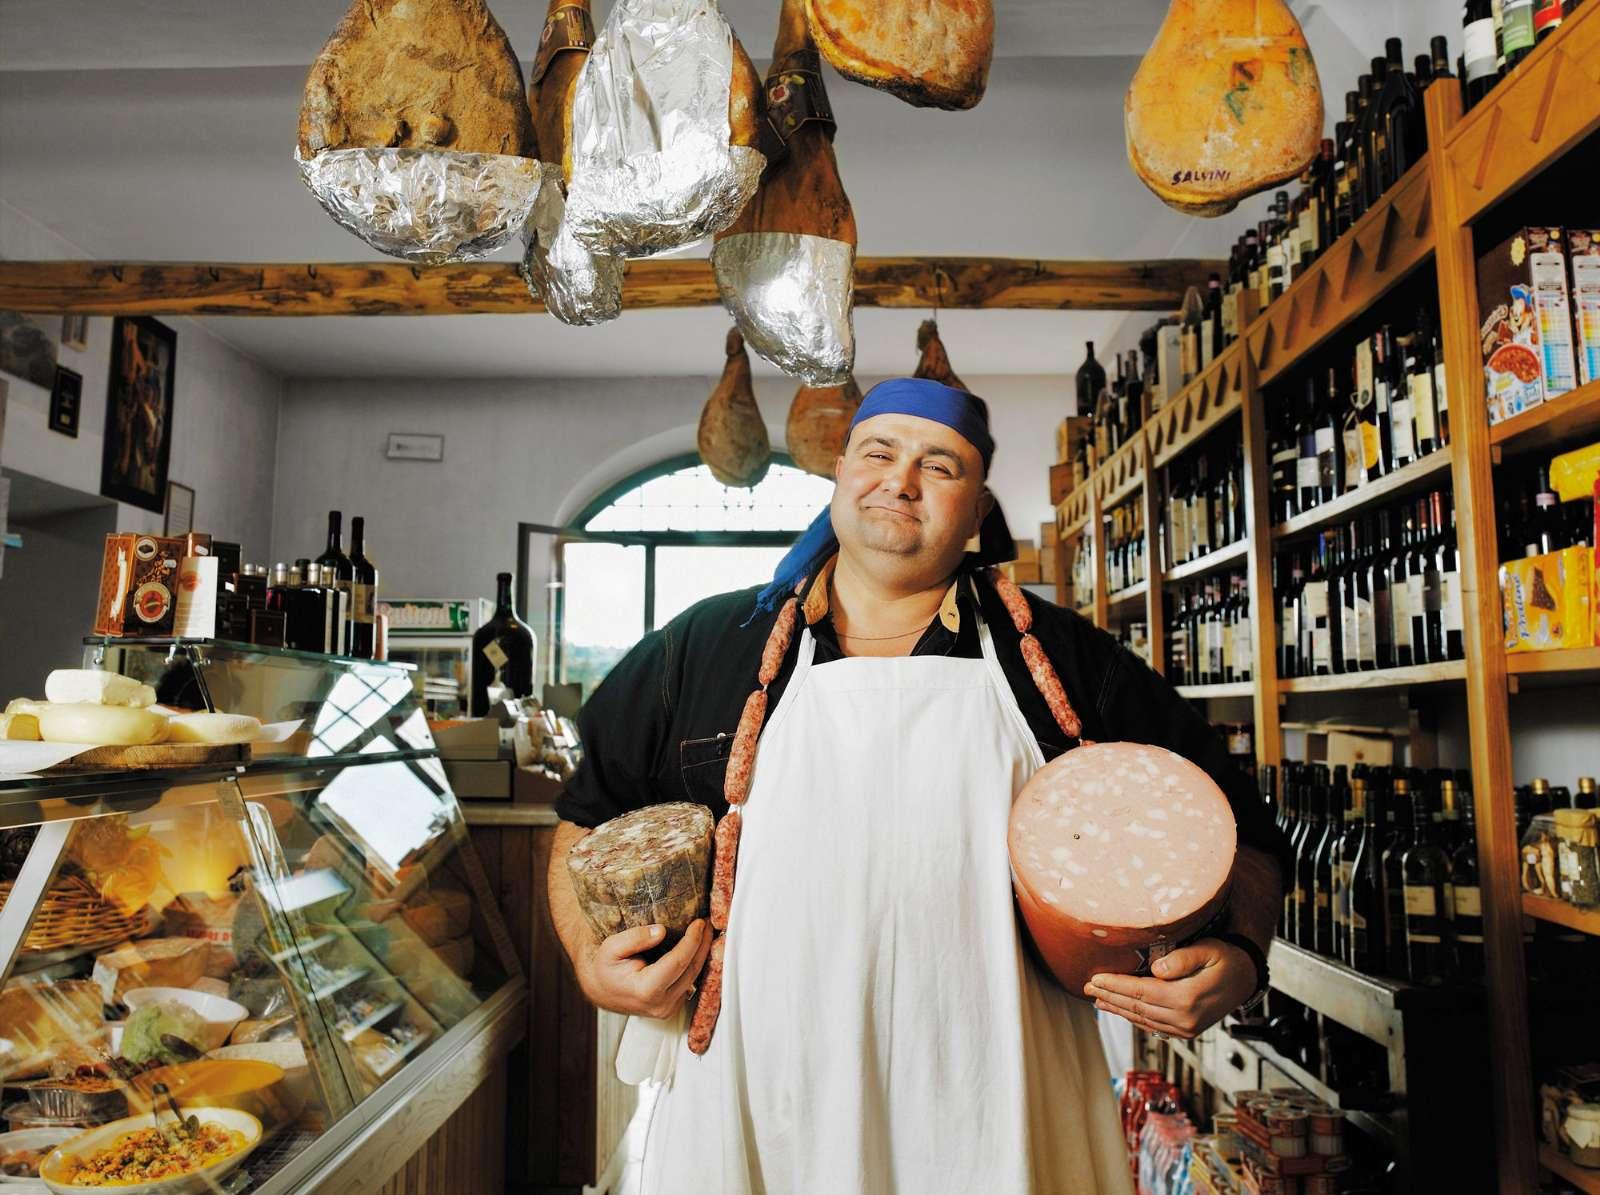 Frische und regionale Produkte können in der Toskana überall gekauft werden